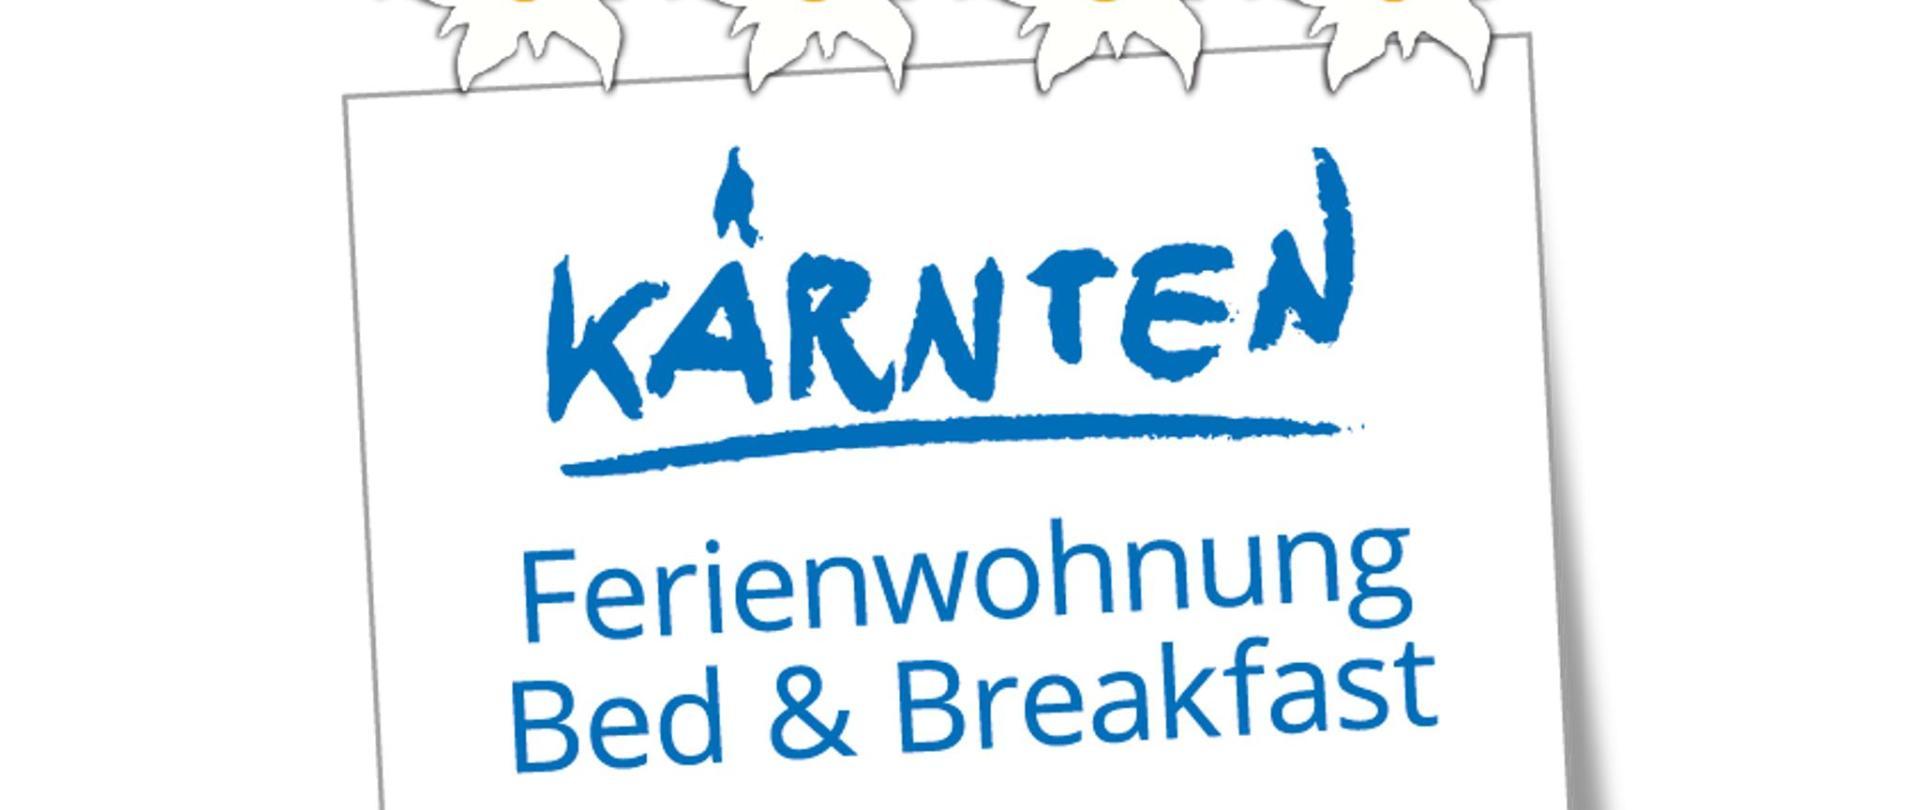 Acrylschilder Kärnten Ferienwohnung B&B-04.png